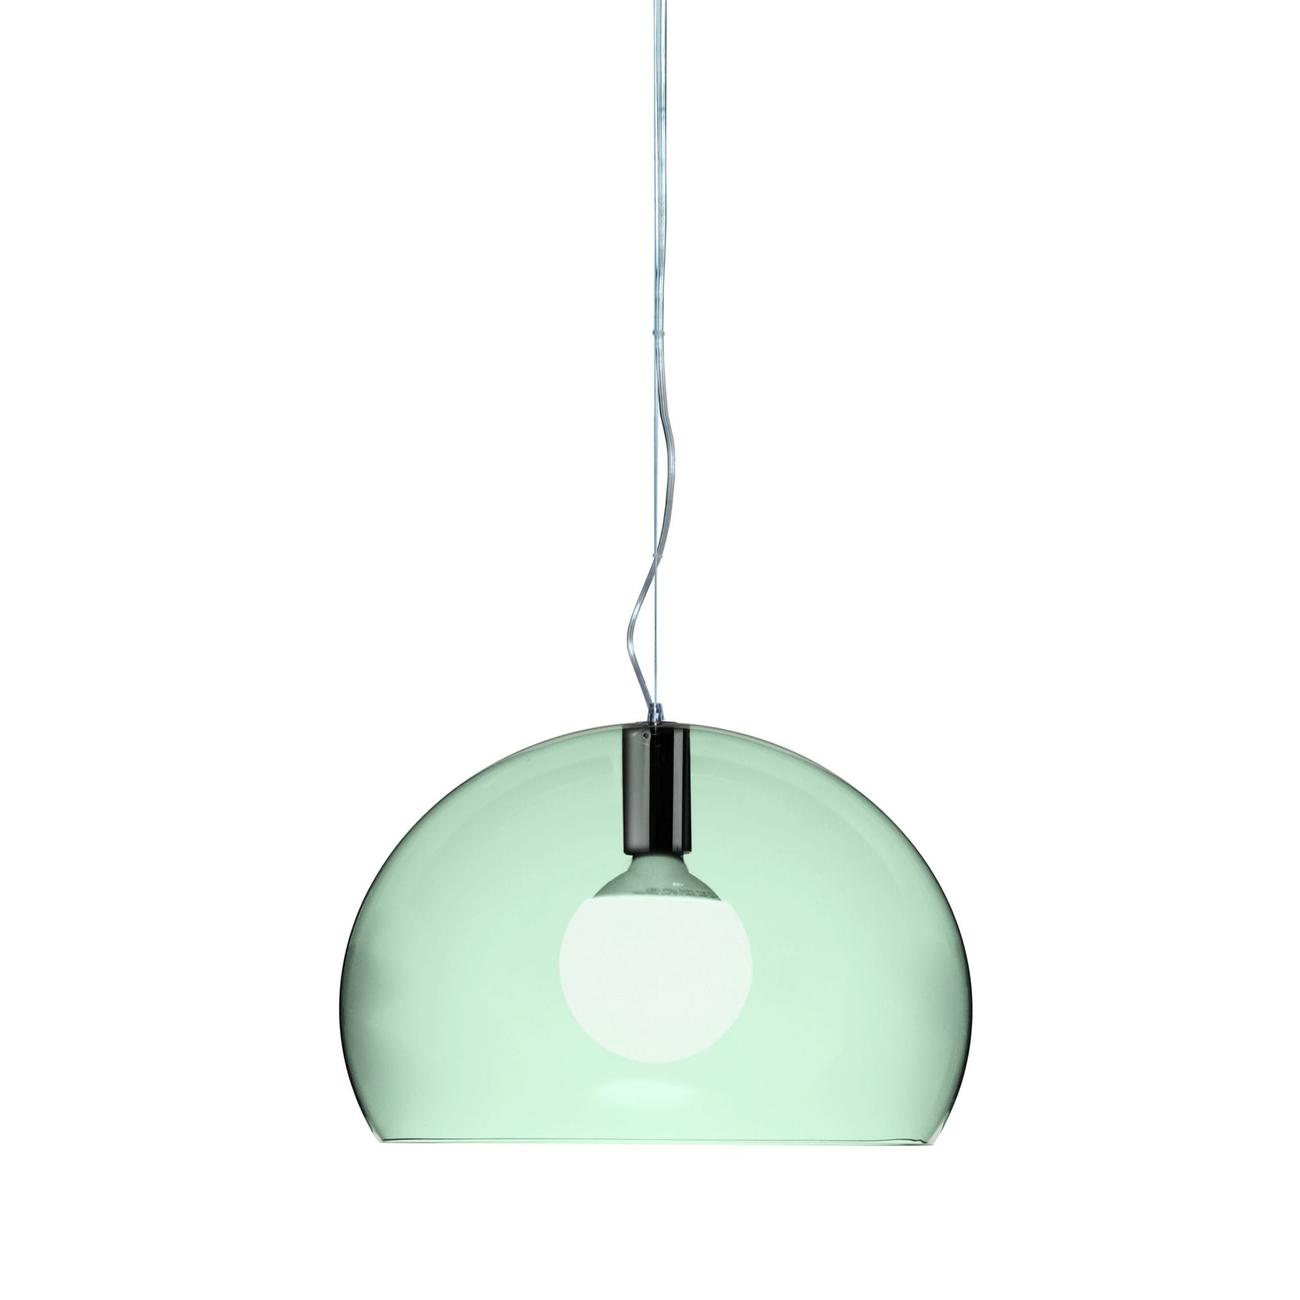 Kartell Small Fly hanglamp-Saligroen